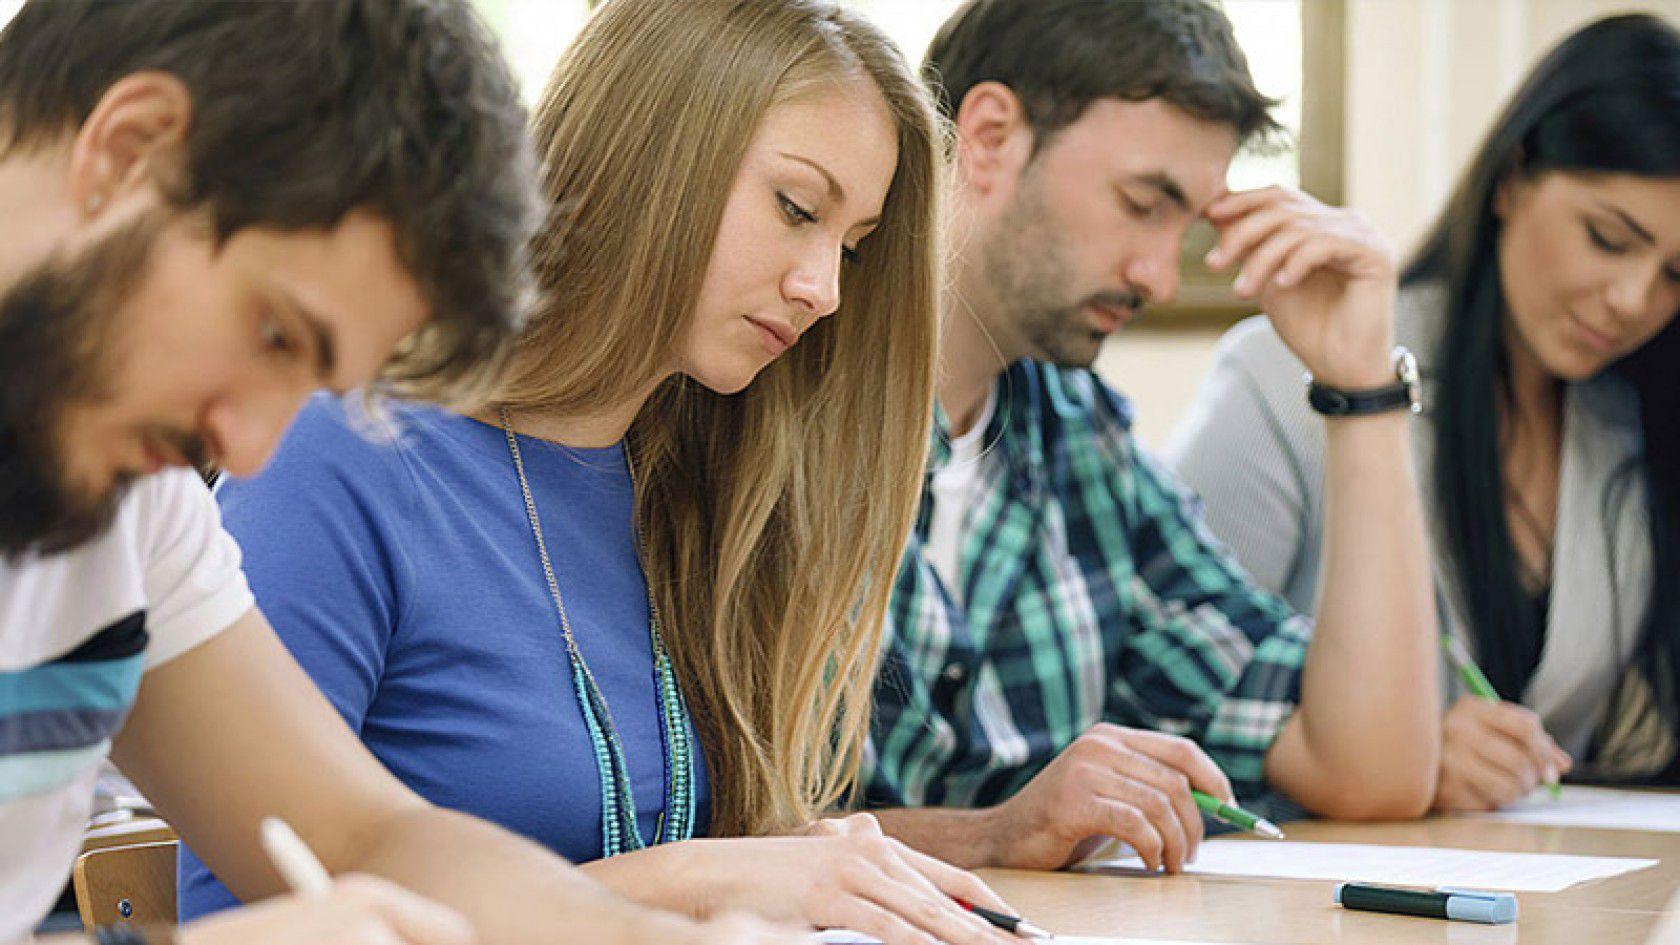 TOELF Sınavı için Kayıt Yaptırırken Nelere Dikkat Edilmeli?